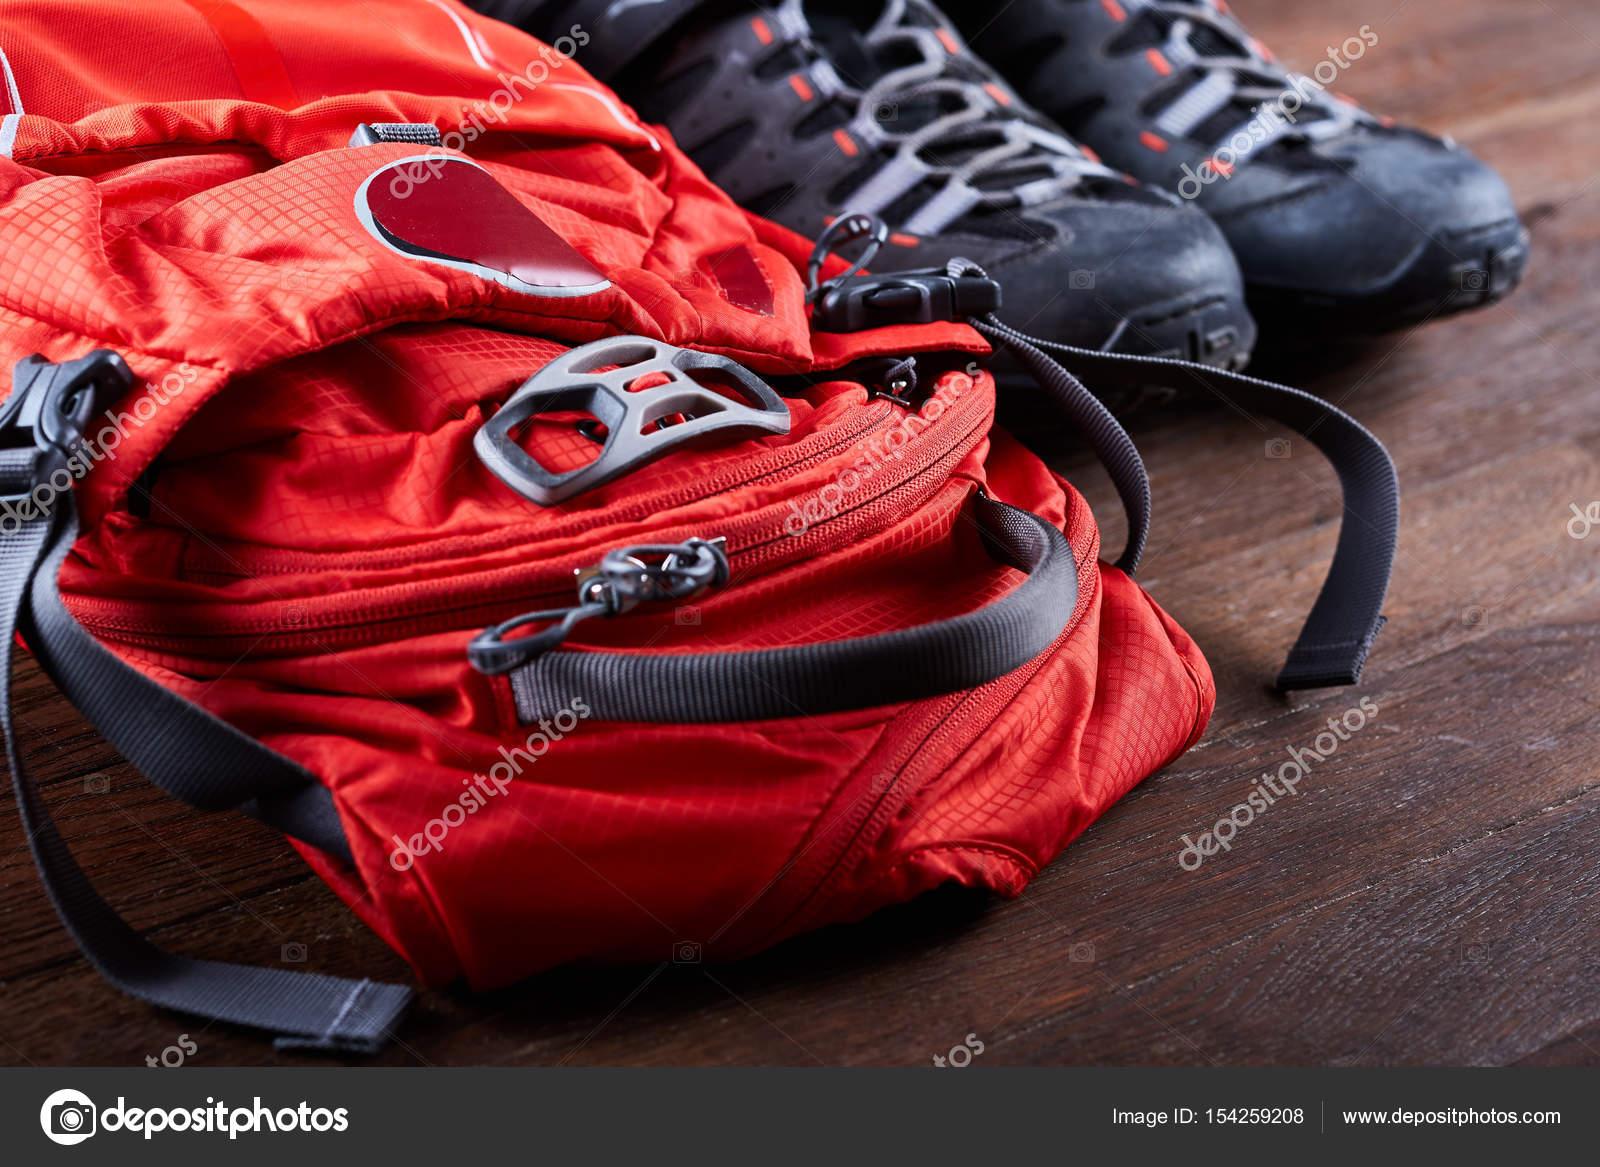 638fc92ea0df0 Noleggio attrezzatura escursionistica  zaino e scarponi sulle tavole in  legno– immagine stock